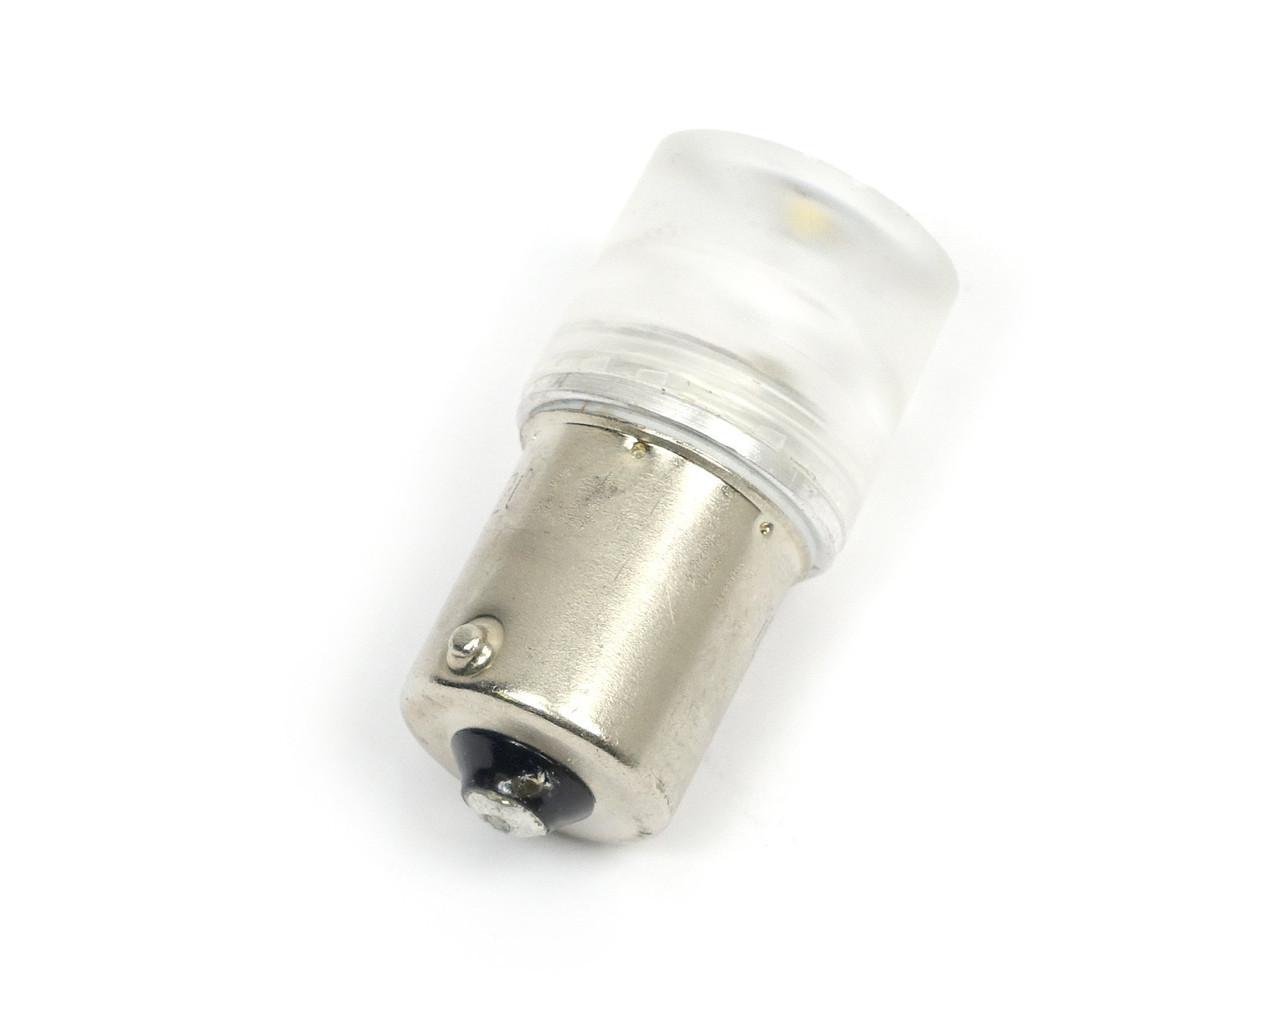 LED Running Light Bulb